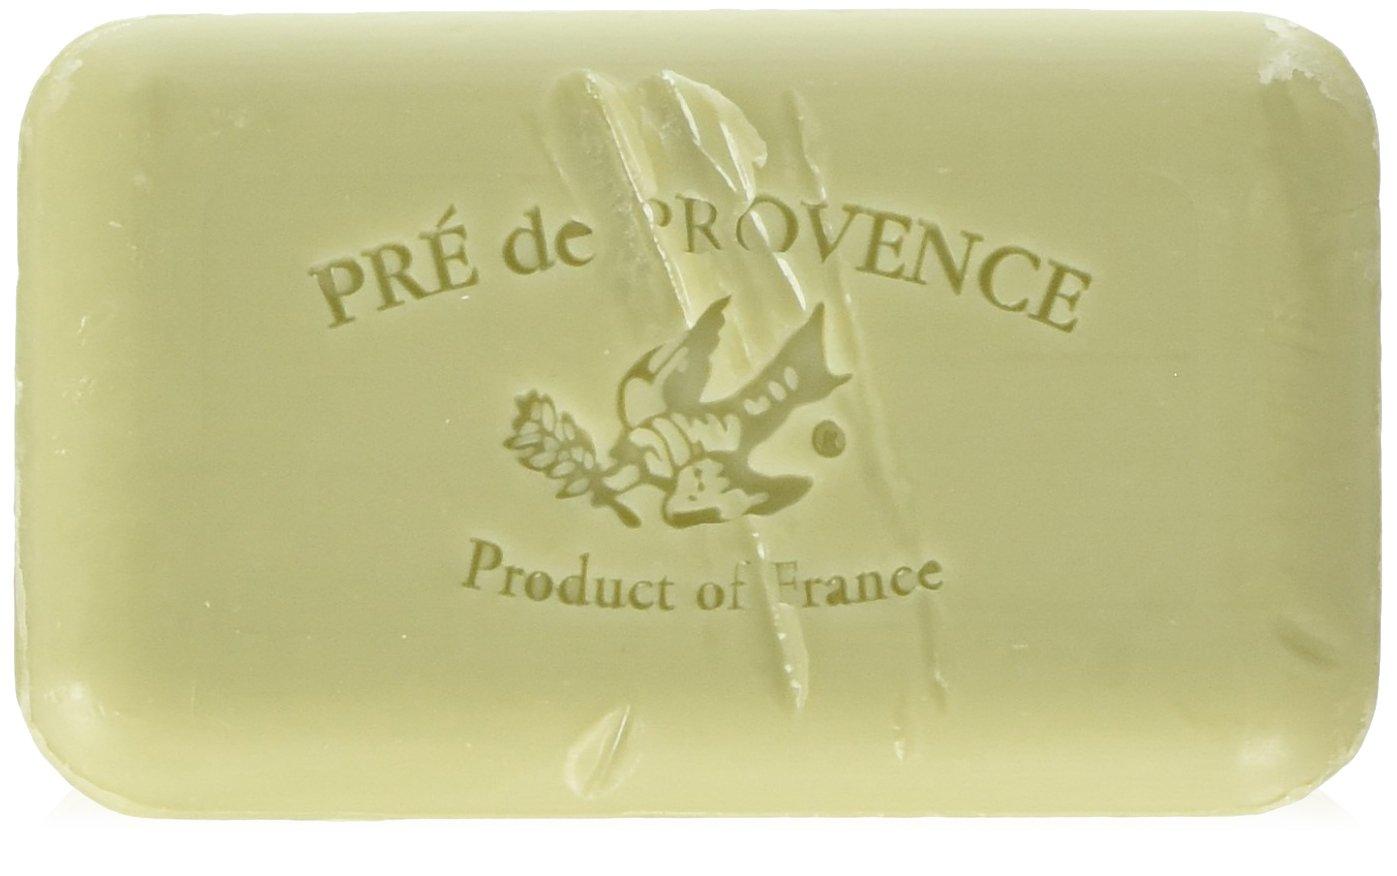 Pre de Provence Sandalwood Shea Butter Enriched Soap, 250 Gram 35160SL